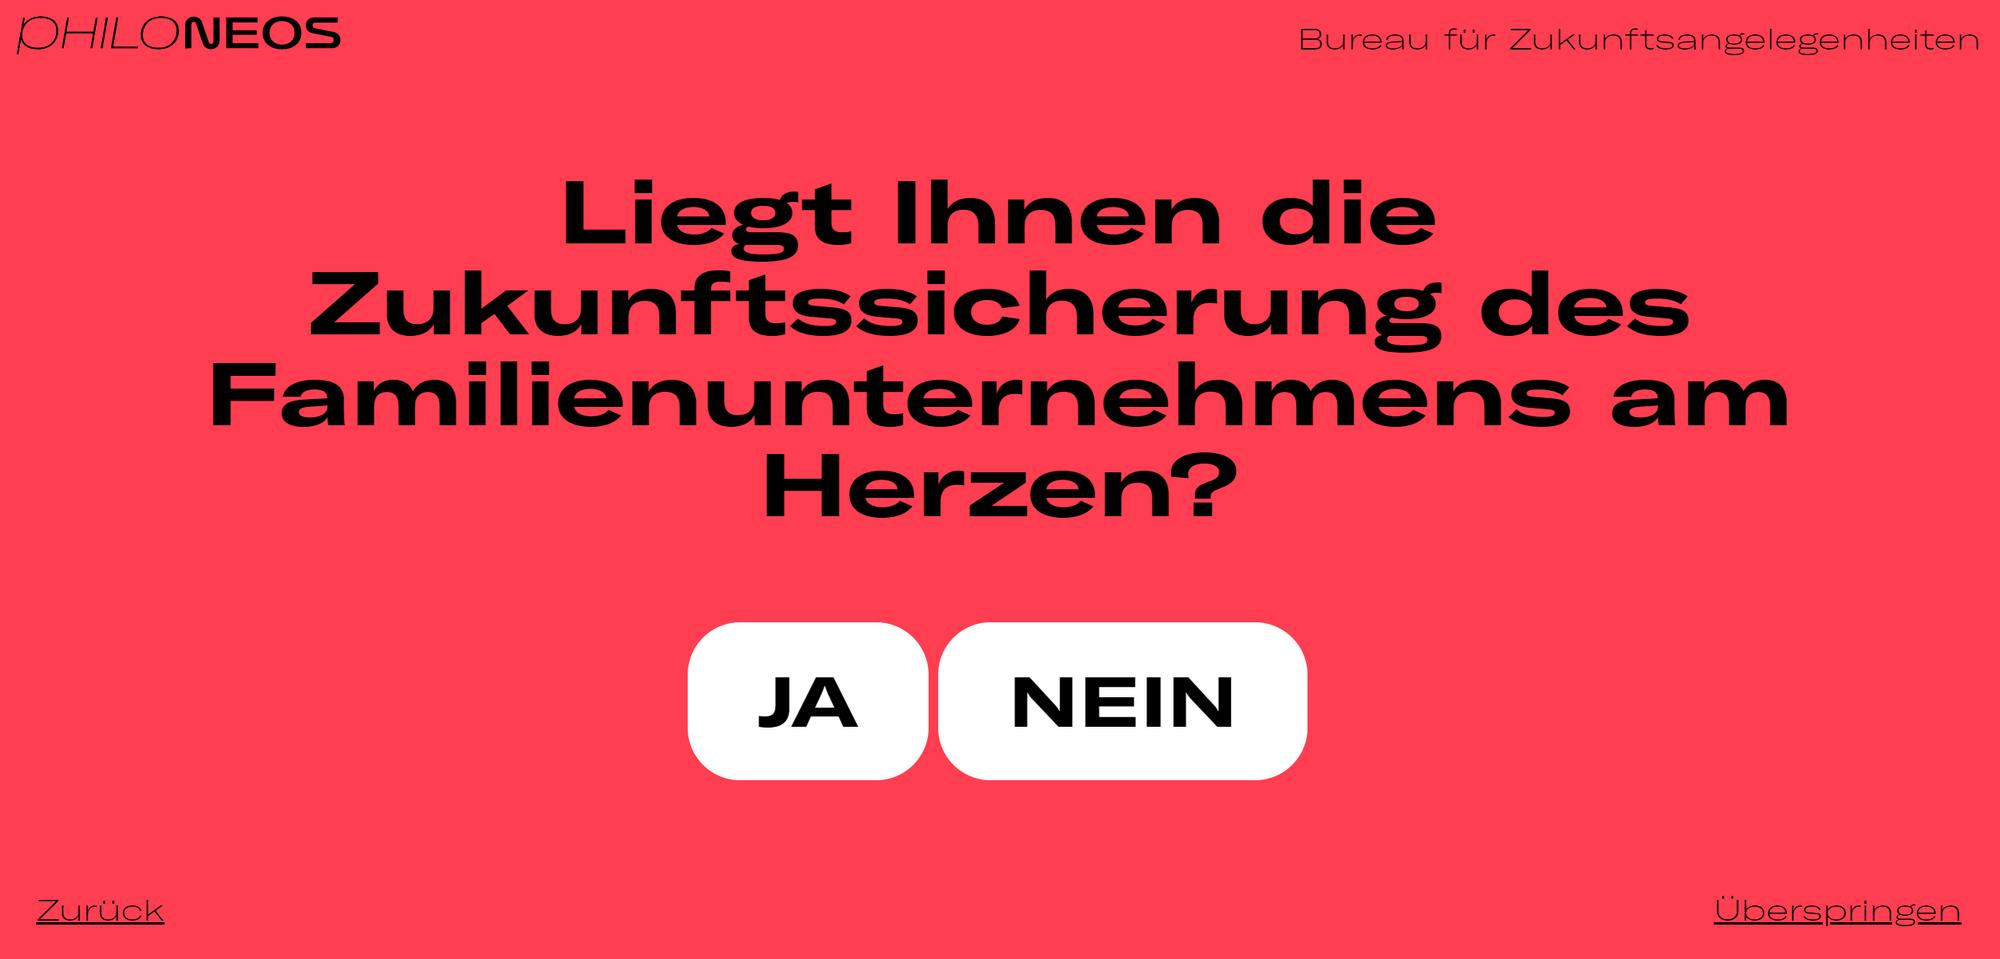 """Screenshot """"Liegt Ihnen die Zukunftssicherung des Familienunternehmens am Herzen?"""" (Bildquelle: Philoneos.com)"""